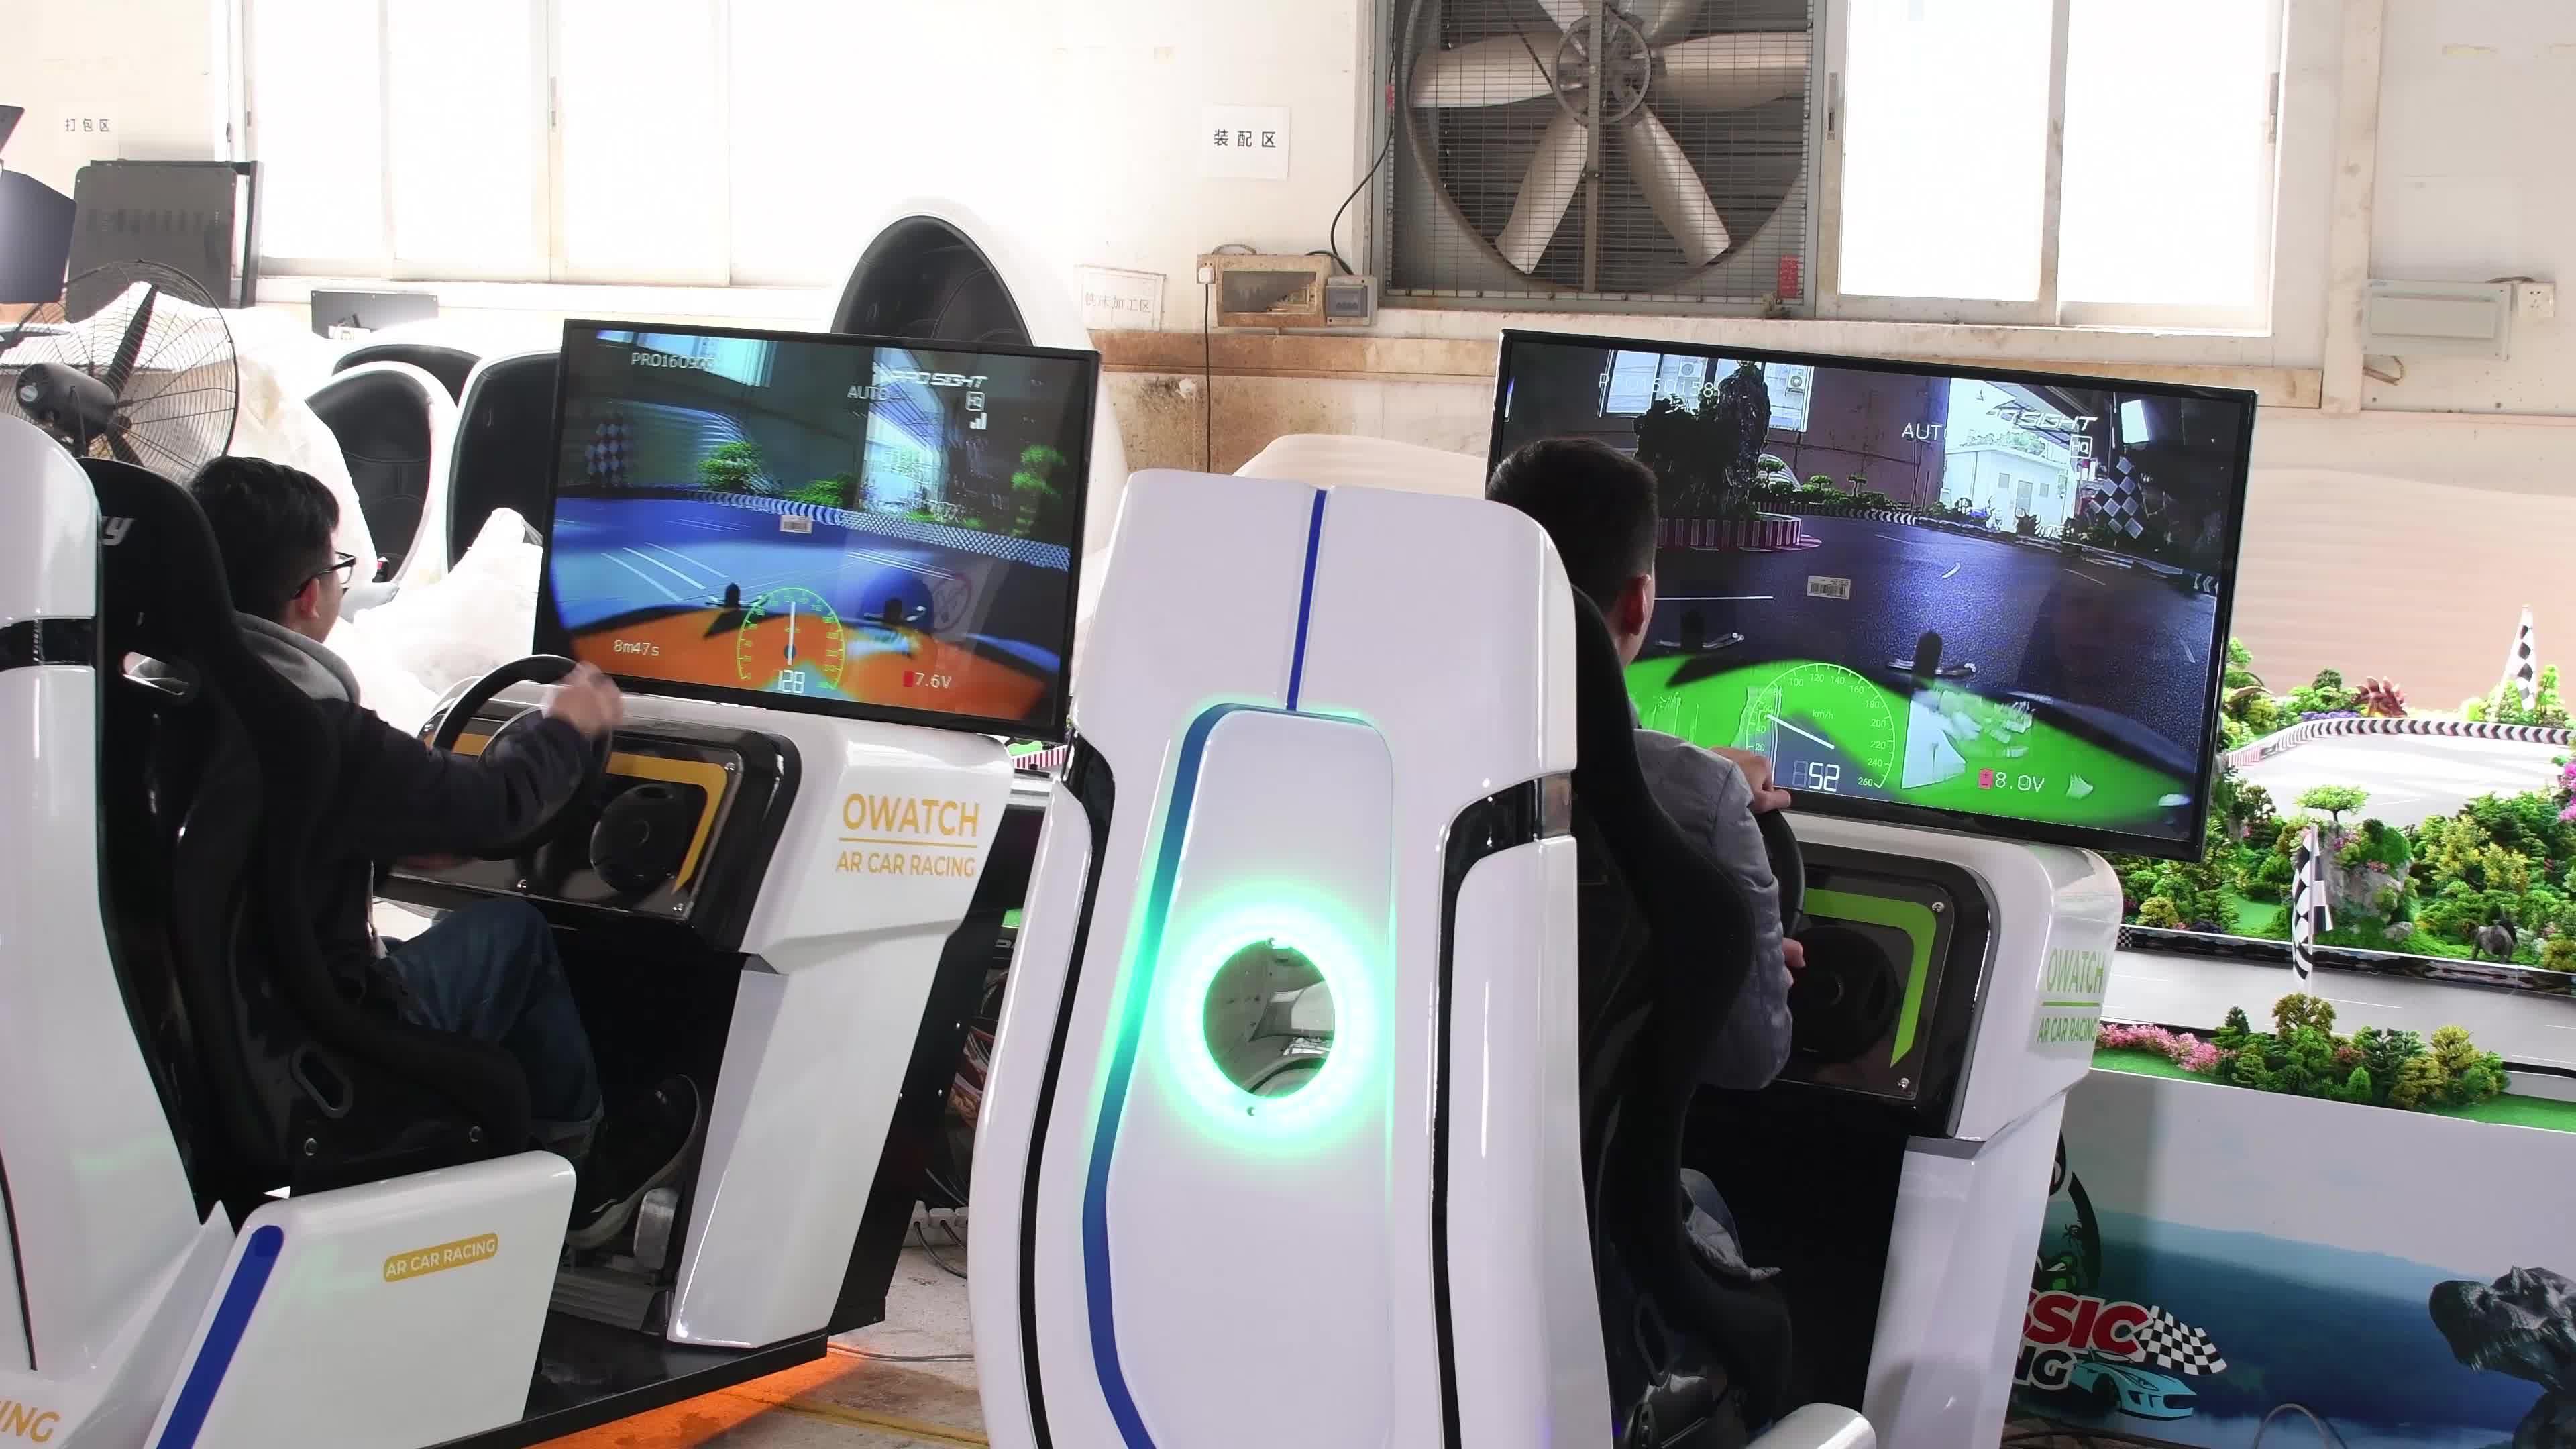 Hot bán AR đua điện tử xe trò chơi máy, tăng cường thực tế trò chơi cho công viên chủ đề vui chơi giải trí công viên trò chơi trung tâm